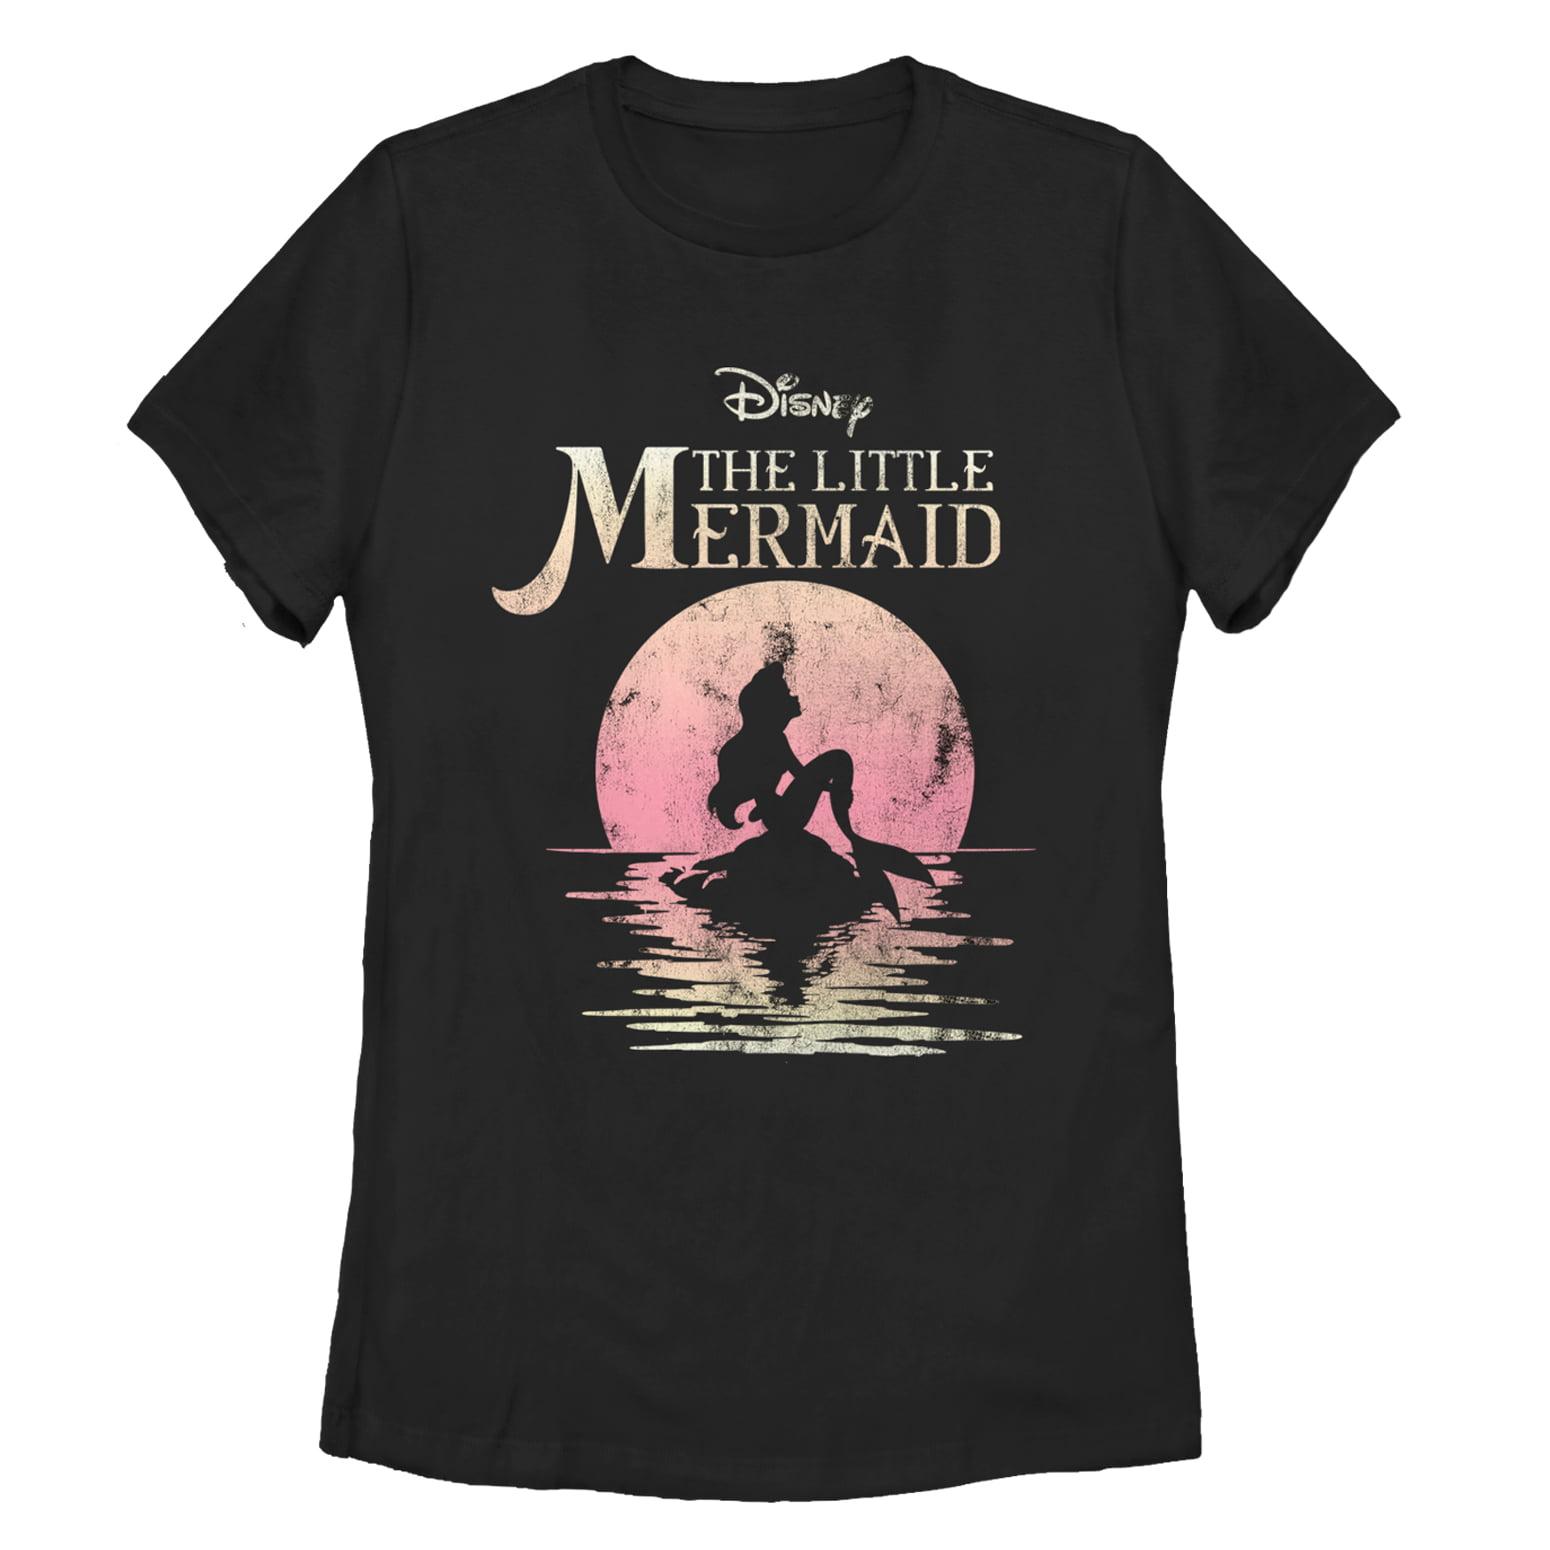 The Little Mermaid Women's Ariel Sunset T-Shirt